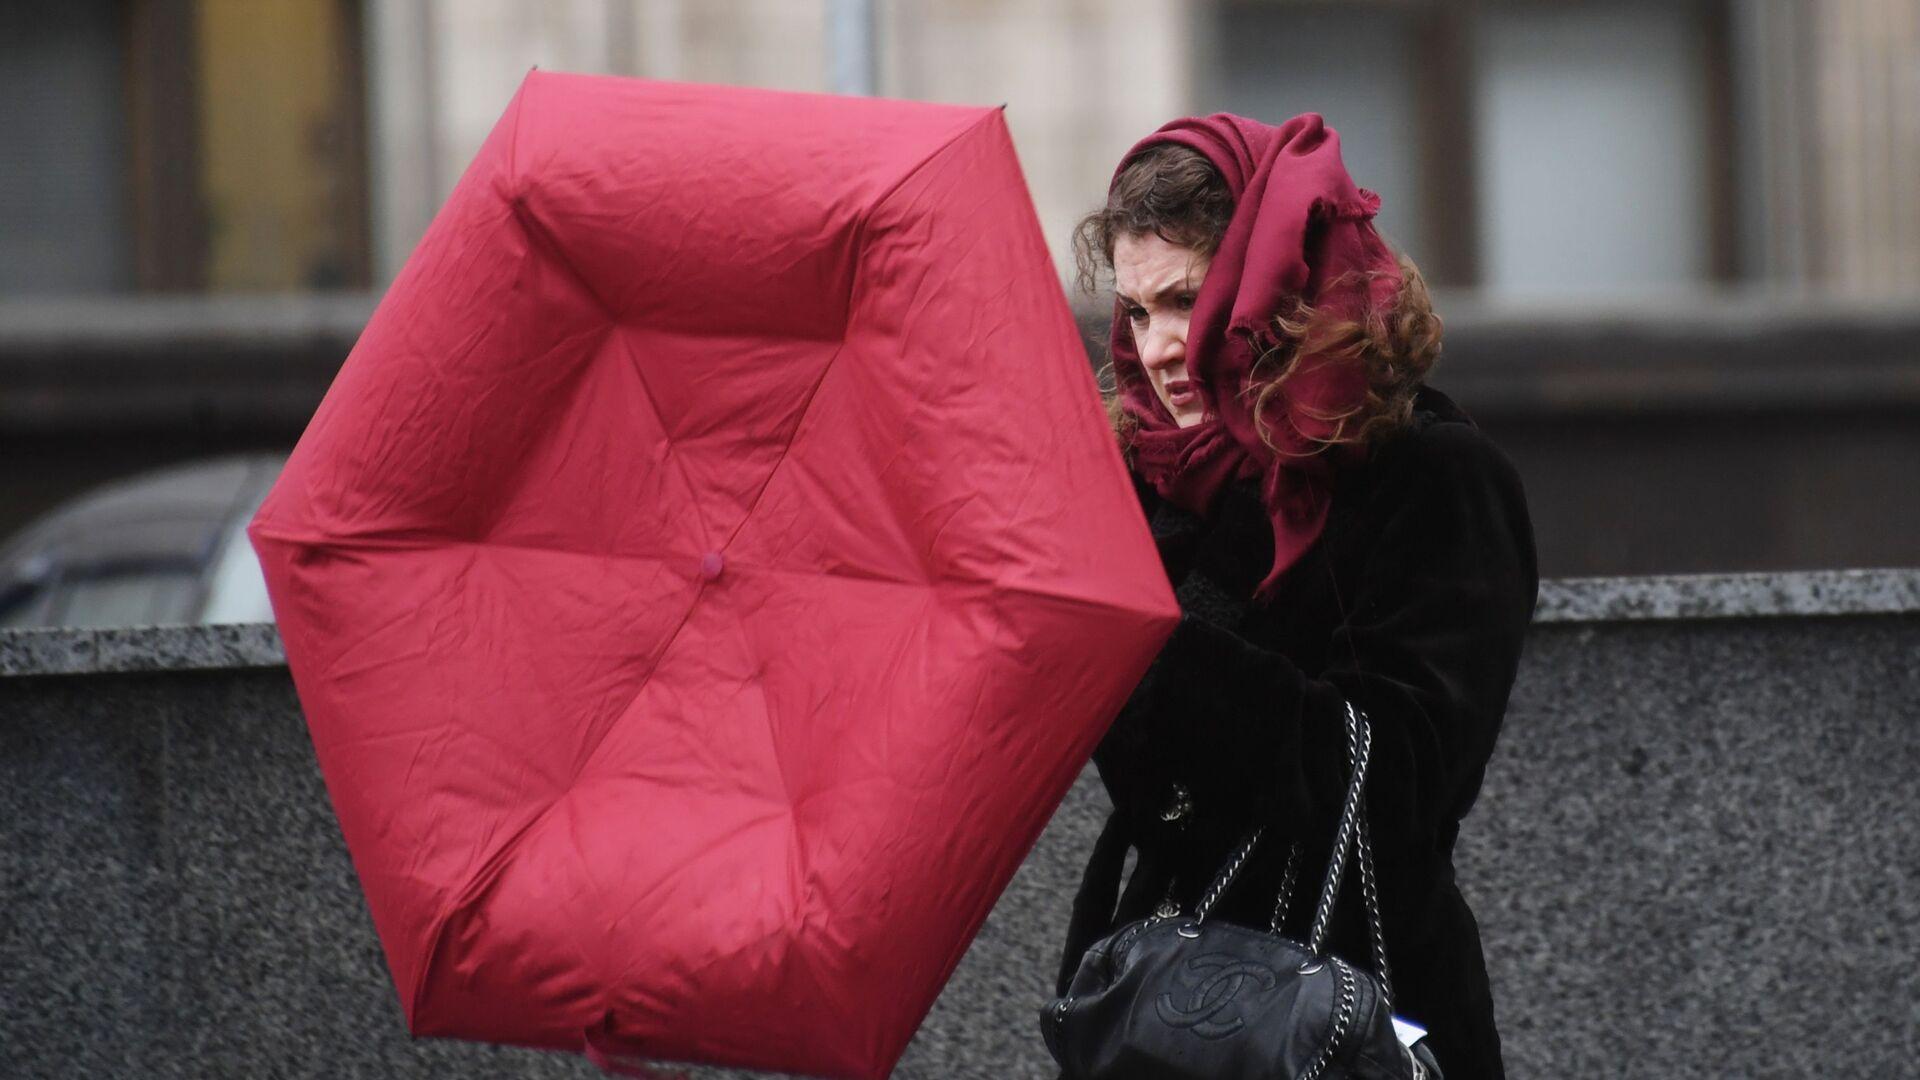 Девушка с зонтом идет по улице под порывами ветра - Sputnik Беларусь, 1920, 14.10.2021